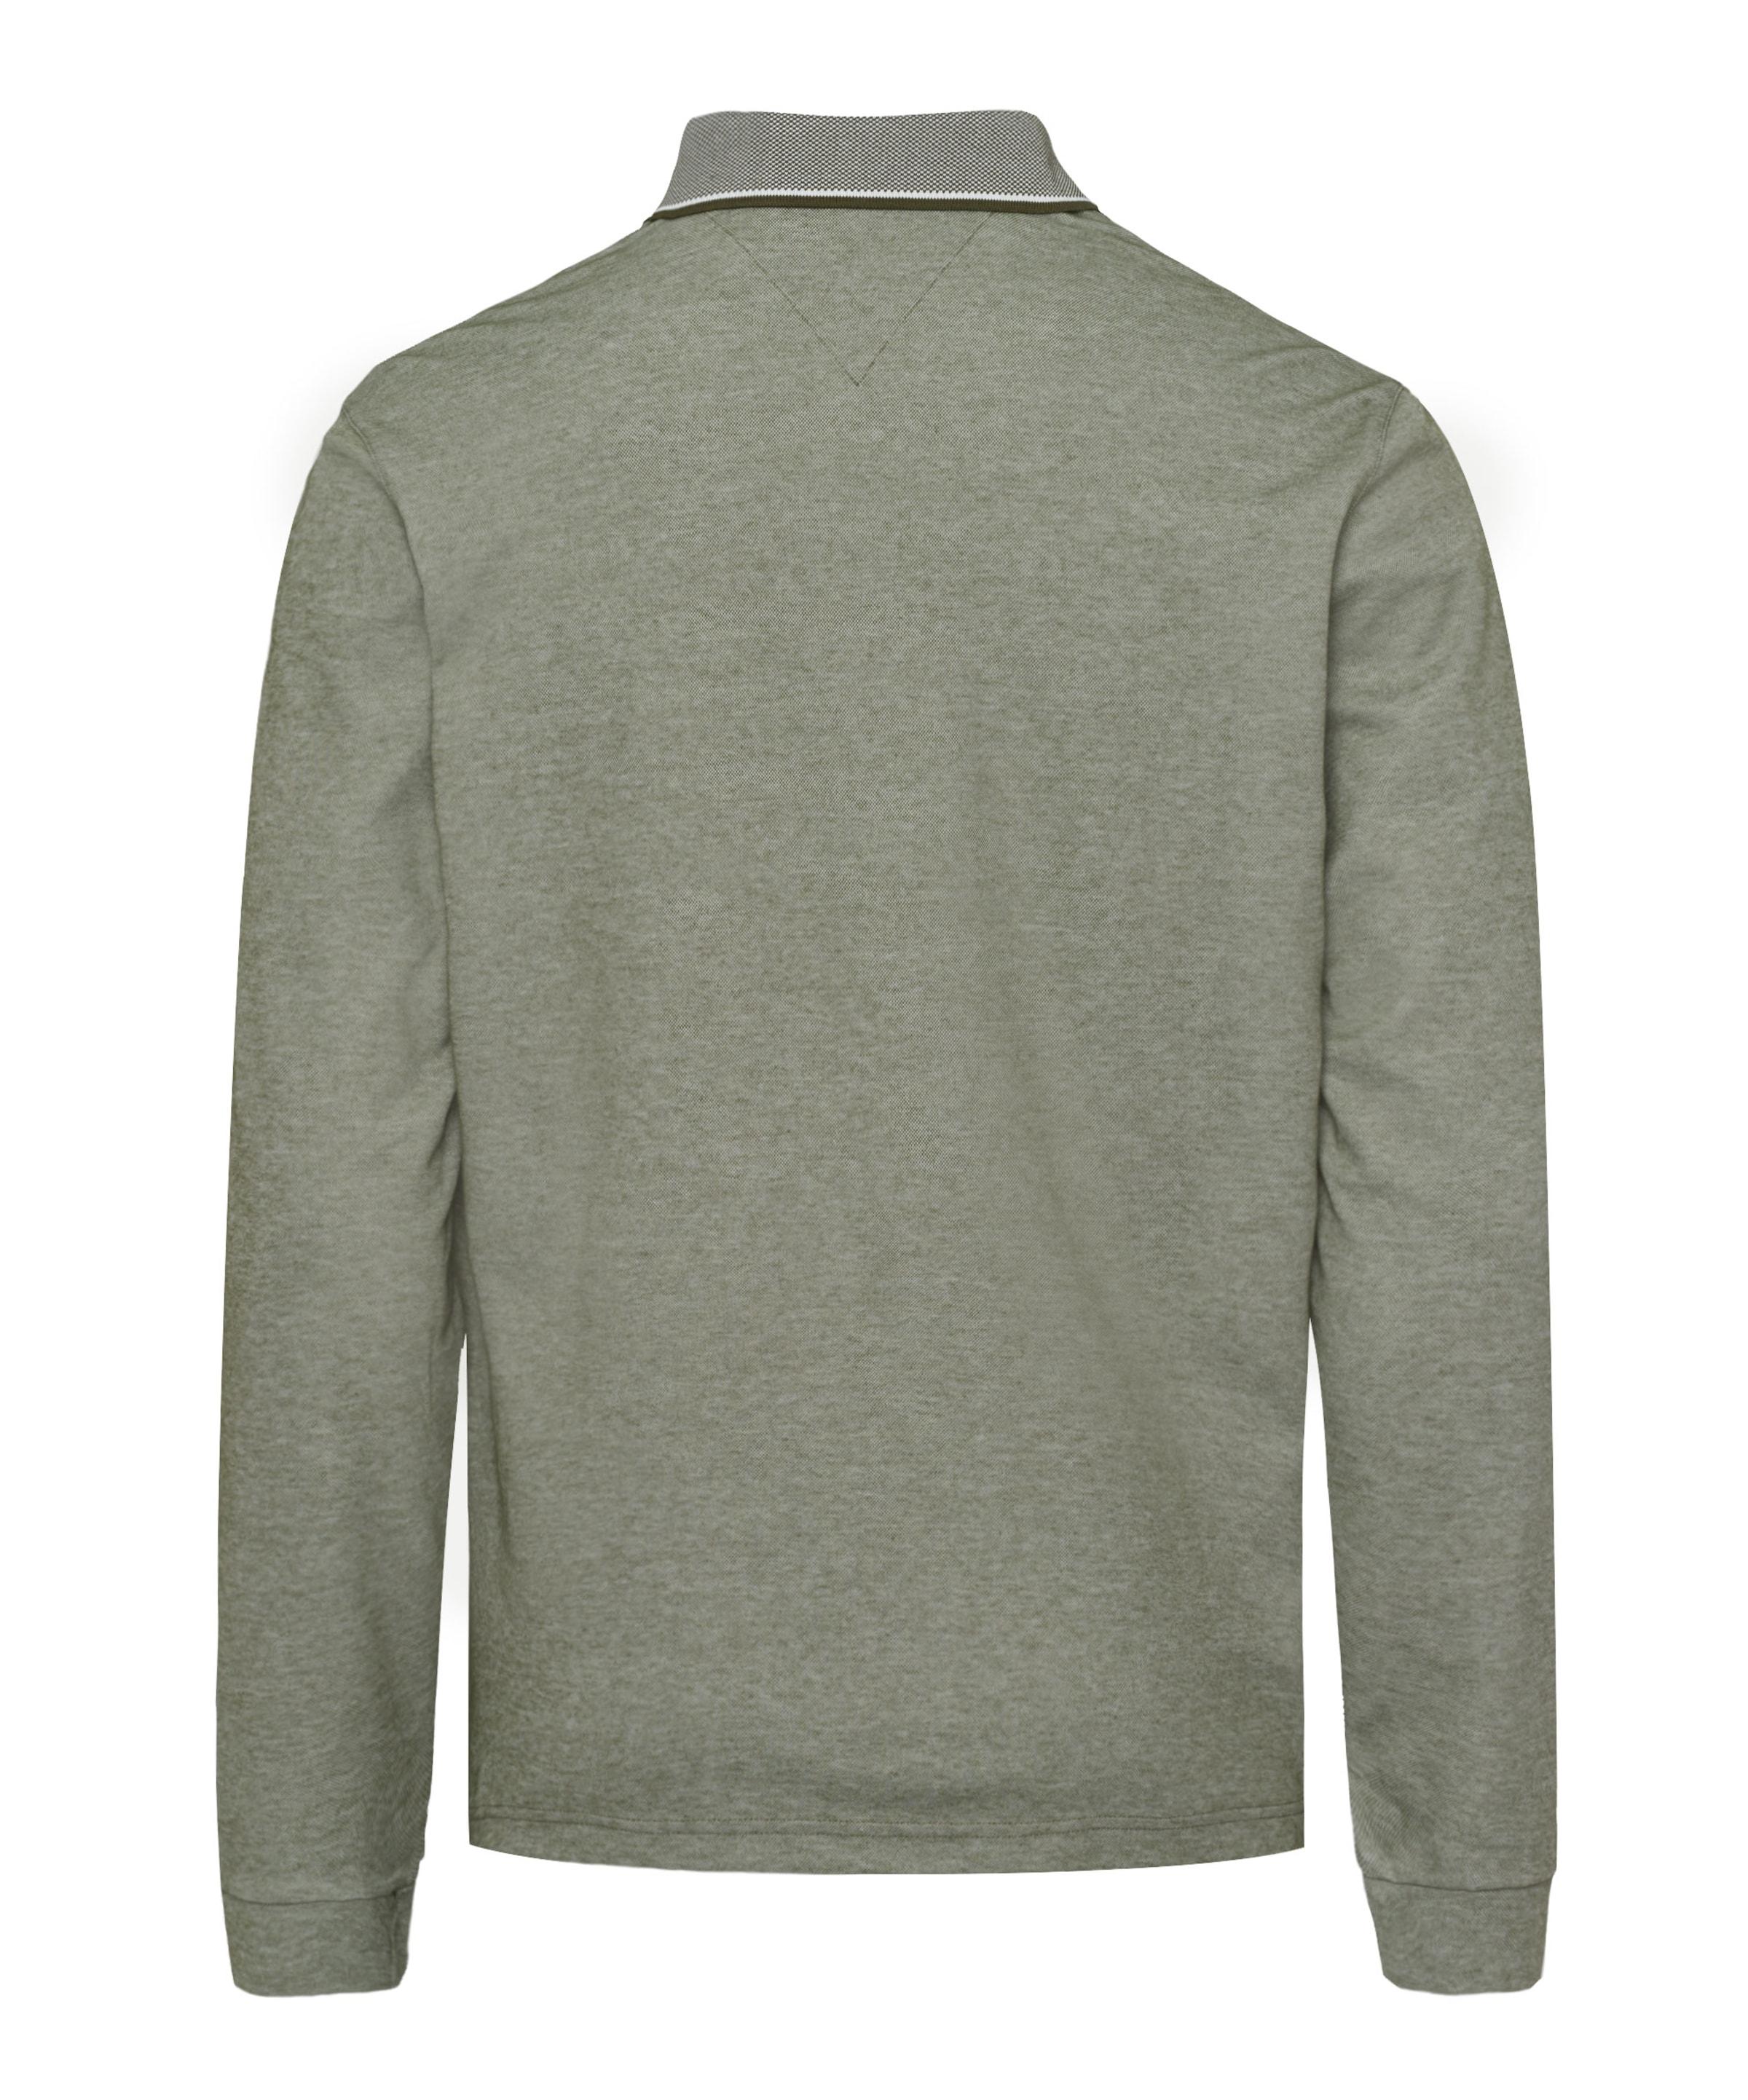 BRAX Poloshirt  'Pharell' in grau Unifarben 25479770431400_344XL